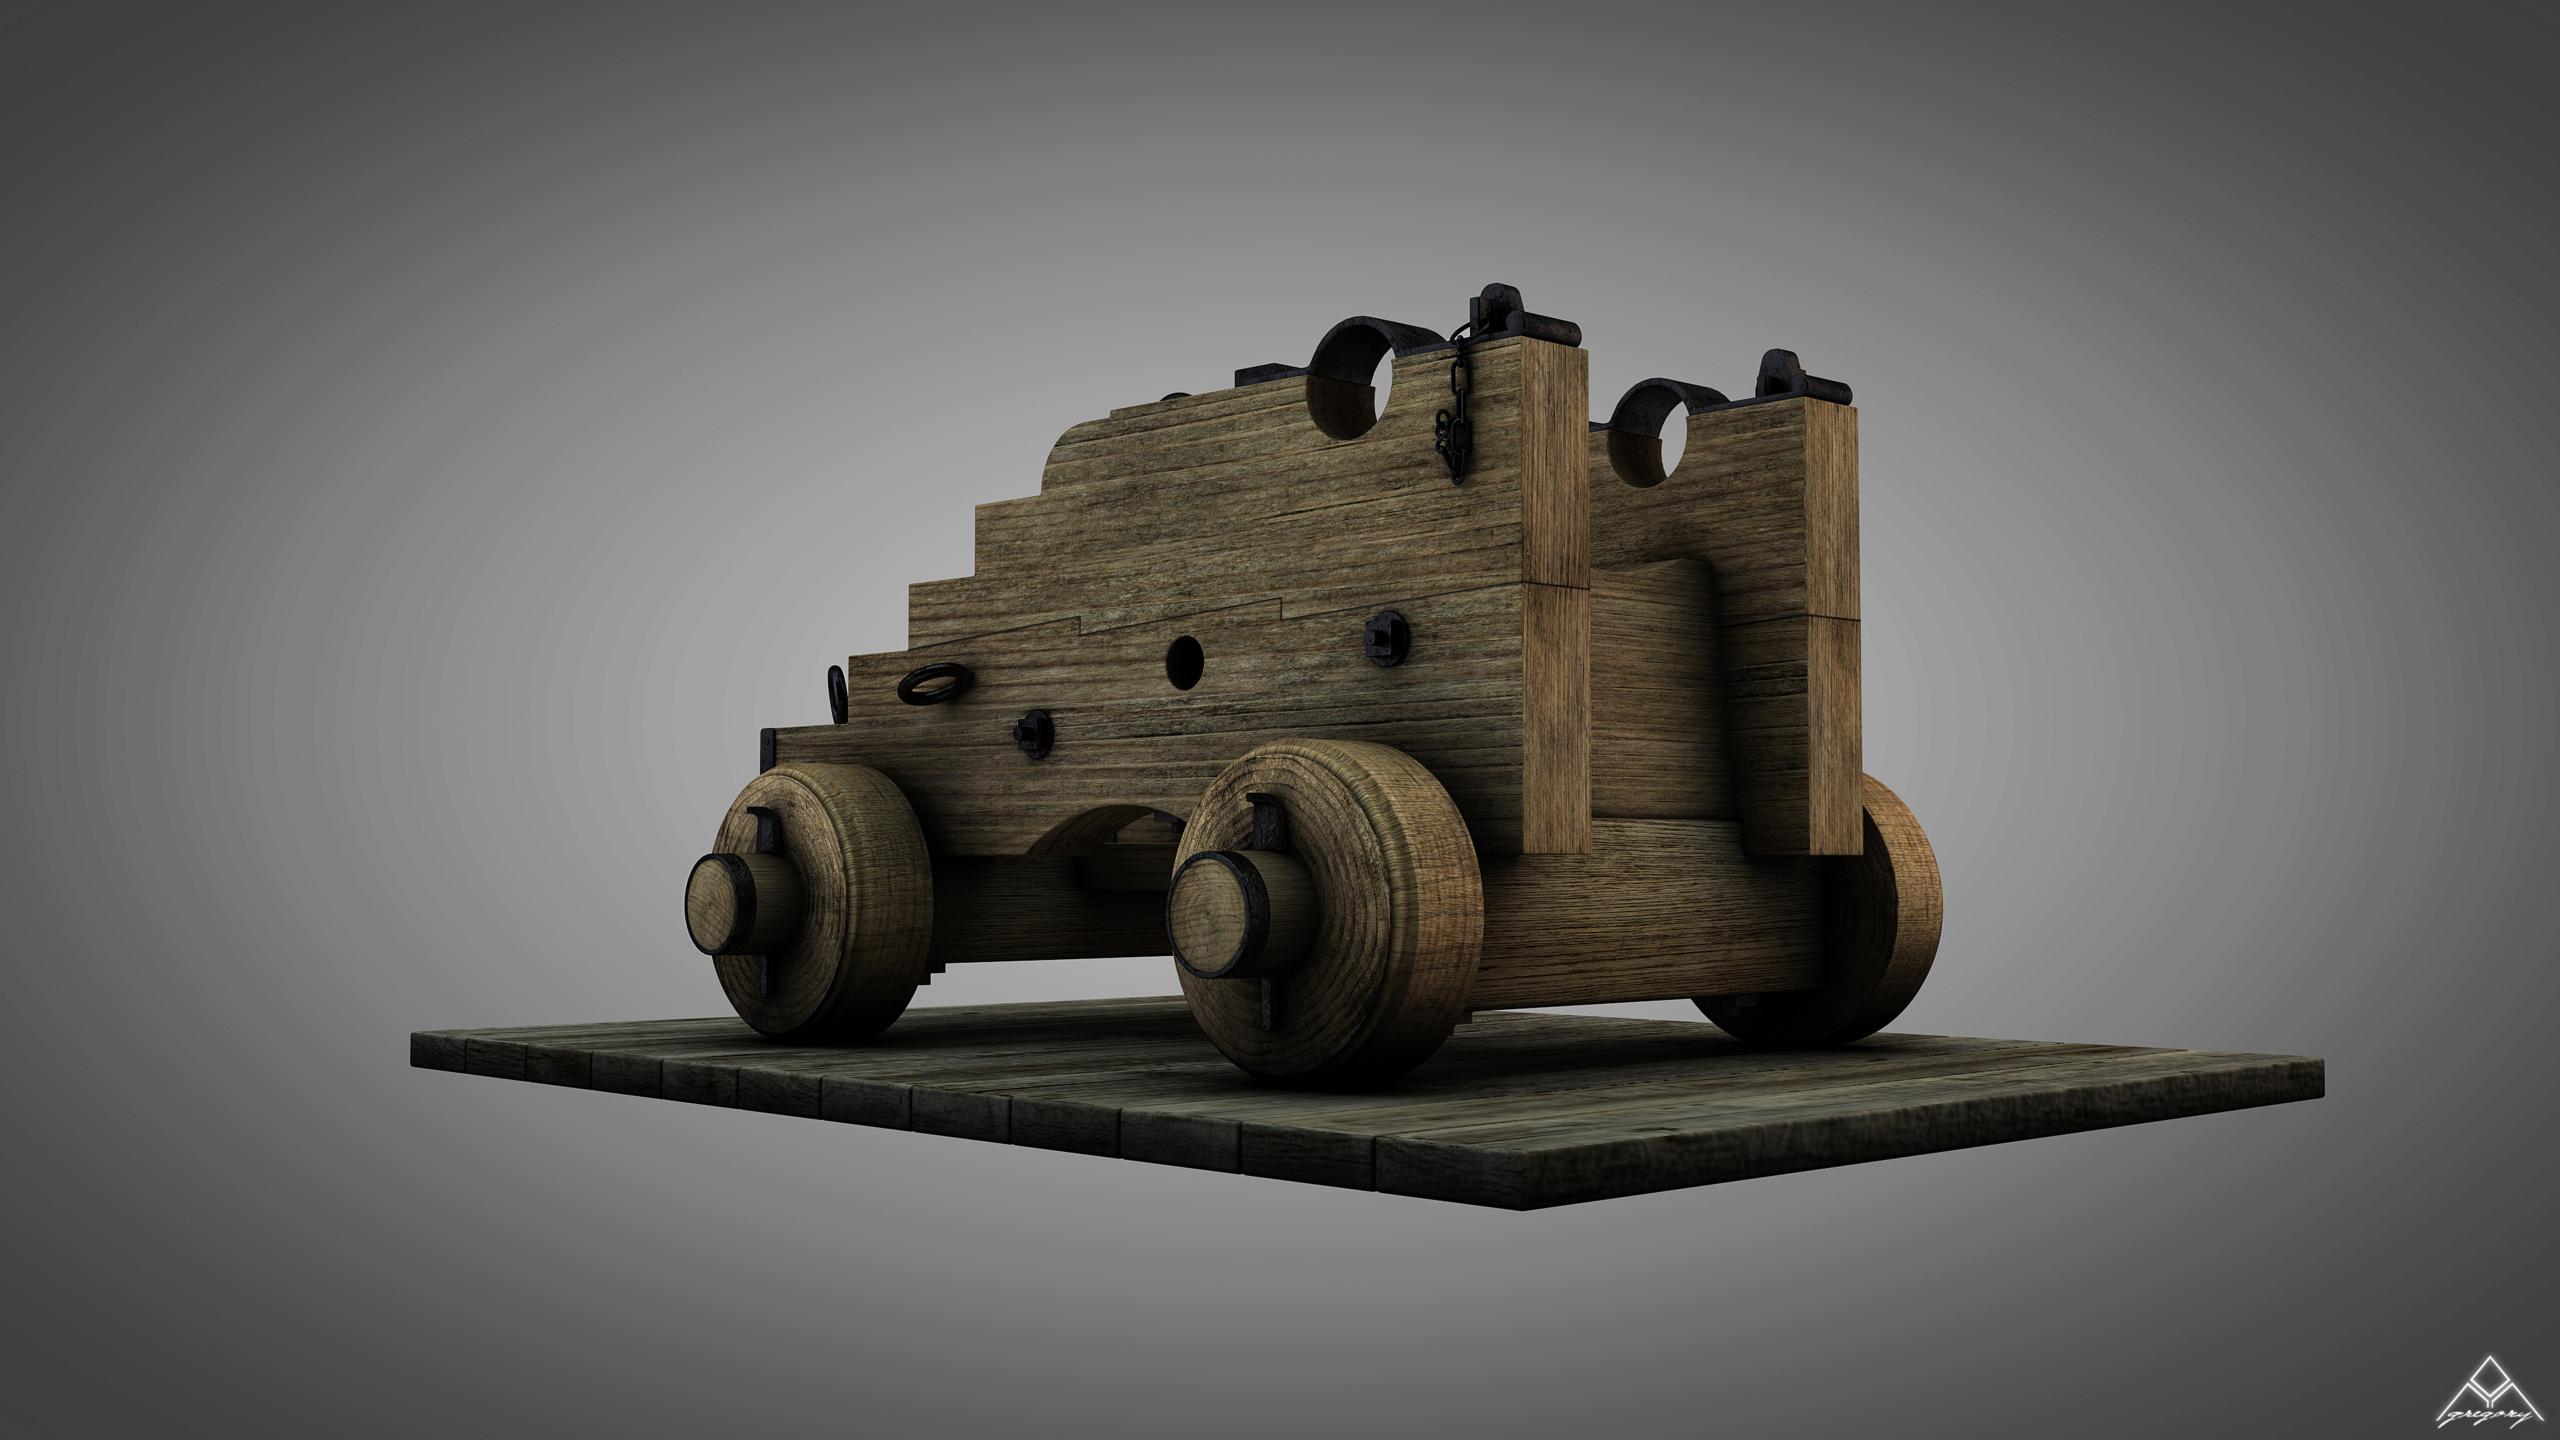 Canons de vaisseau 74 canons (Création 3D) par Greg_3D - Page 4 Canon_24